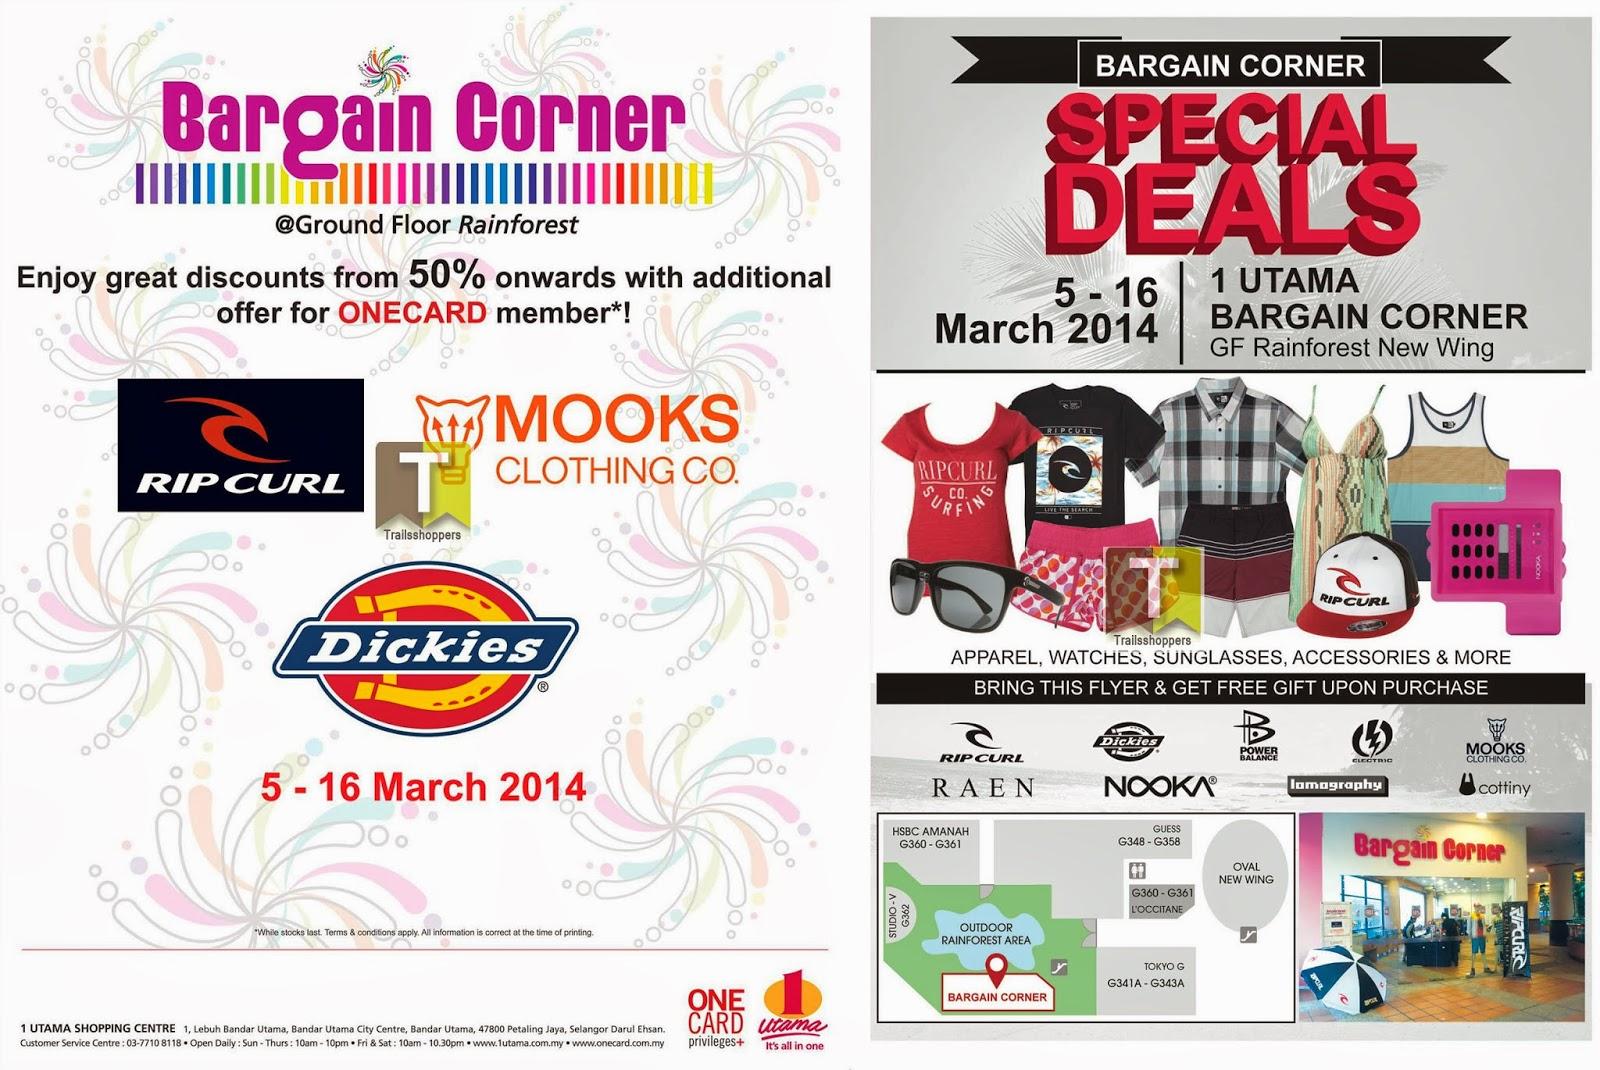 Bargain Corner Special Deals 1 Utama Watches Sunglasses RipCurl